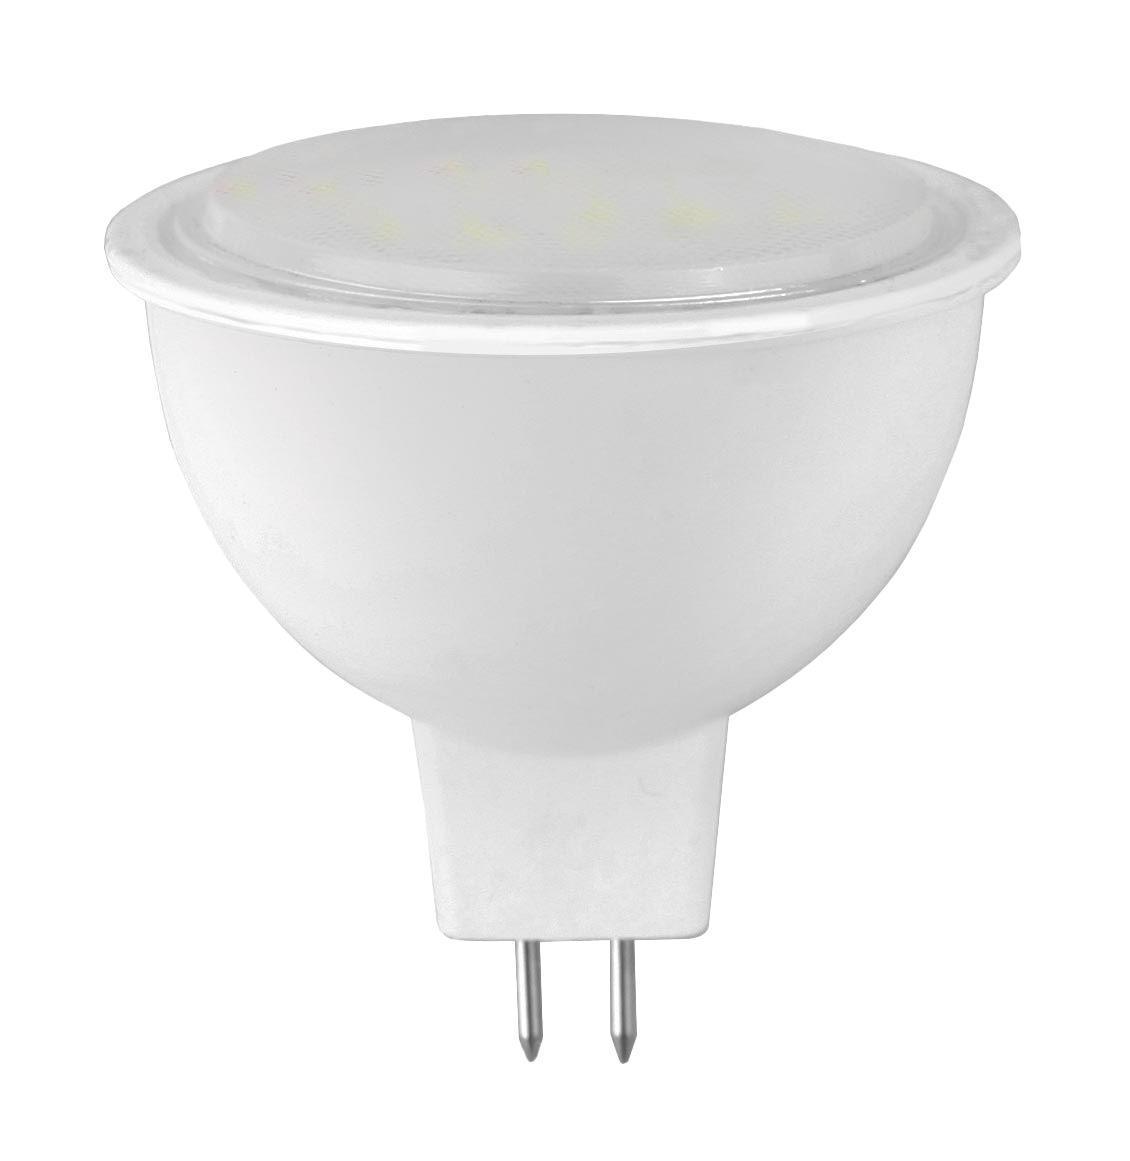 Camelion LED5-JCDR/830/GU5.3 светодиодная лампа, 5ВтC0027374Высокая вибро- и ударопрочность - отсутствуют нить накаливания и хрупкие стеклянные трубки. Широкий температурный диапазон эксплуатации (от -30 C до +40 C) - возможность использования ламп вне помещений. Могут применяться как для основного, так и для акцентированного освещения. Экономия электроэнергии до 90% без ущерба для освещенности и качества света по сравнению с обычными лампами накаливания такой же яркости. Мгновенное включение и выход на полную яркость. Светодиодные лампы для точечных светильников - это замена традиционных и повсеместно используемых галогенных ламп типа JCDR.Отличительной особенностью светодиодных ламп точечного света является низкое энергопотребление и почти отсутствие нагрева в процессе эксплуатации. При этом -это лампы с высоким сроком службы 30 000 - 50 000 часов. Если вы хотите экономить, и готовы на начальном этапе потратиться, тогда ваш выбор светодиодное освещение. Если же по каким-то причинам светодиодные источники света вас не устраивают, но при этом вы хотите все же экономить - обратите внимание на энергосберегающие компактные люминесцентные лампы точечного света.Напряжение: 220-240 В / 50 Гц.